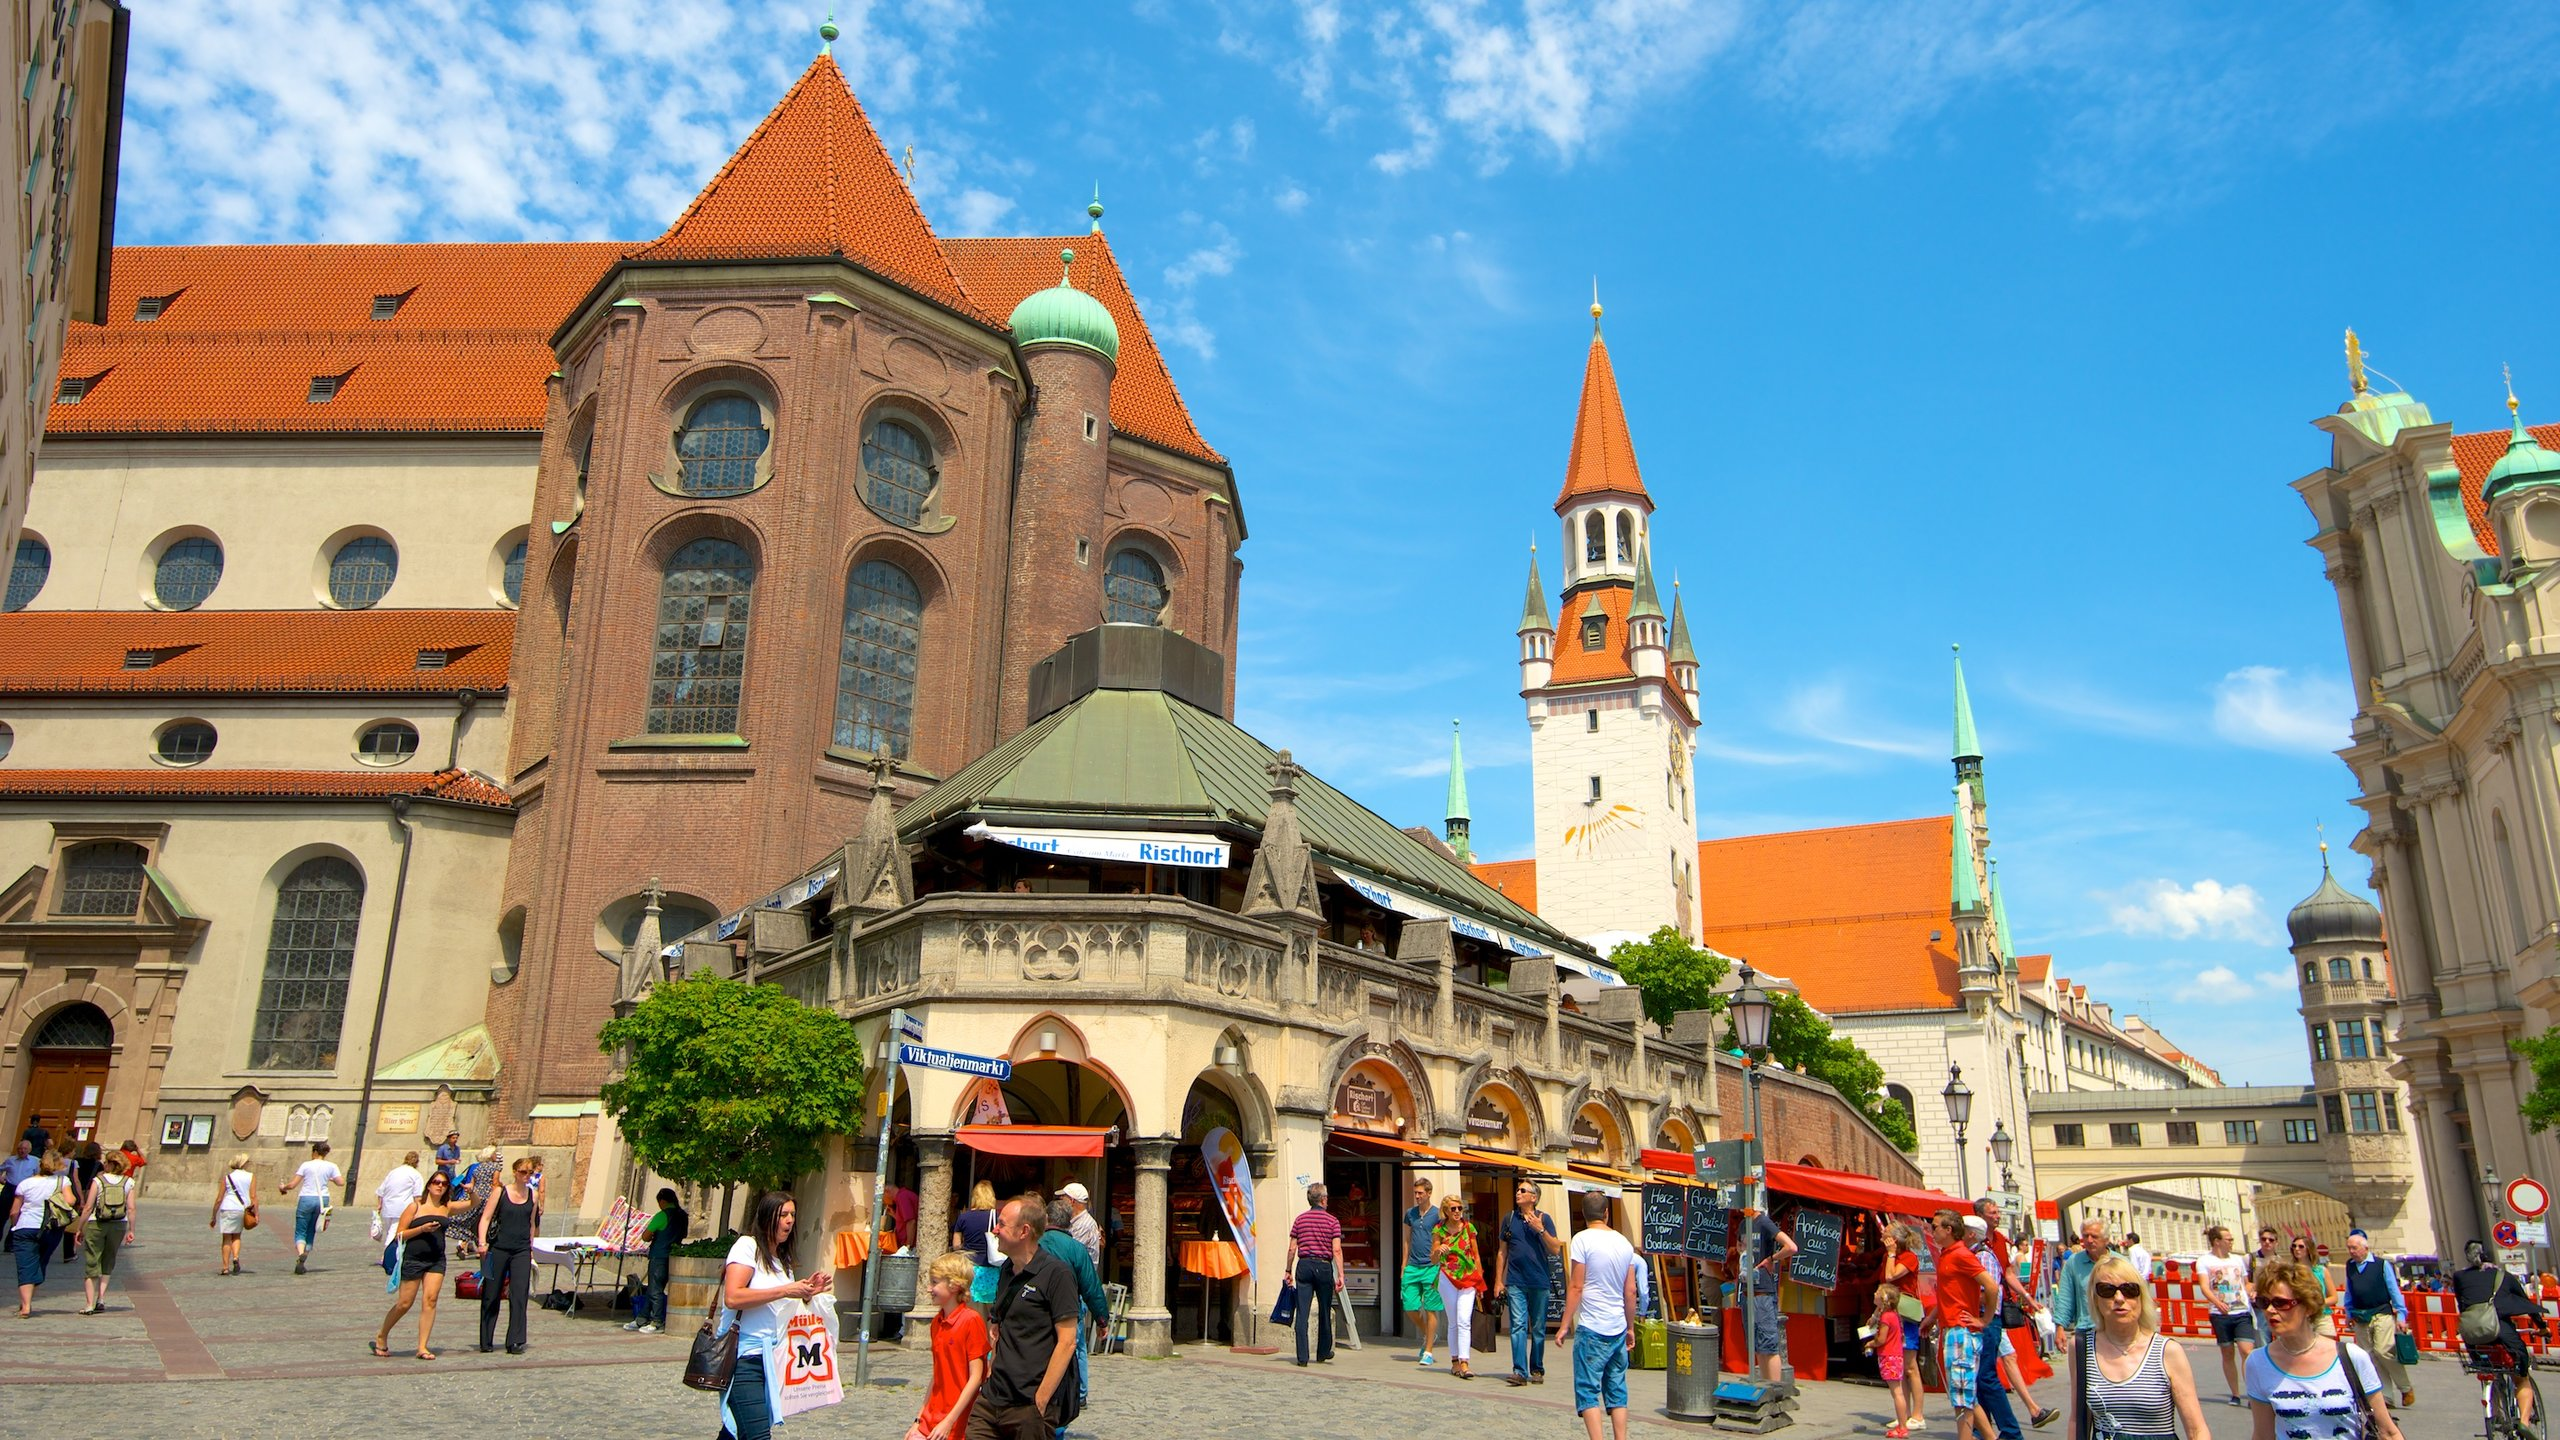 Viktualienmarkt, Monachium, Bawaria, Niemcy